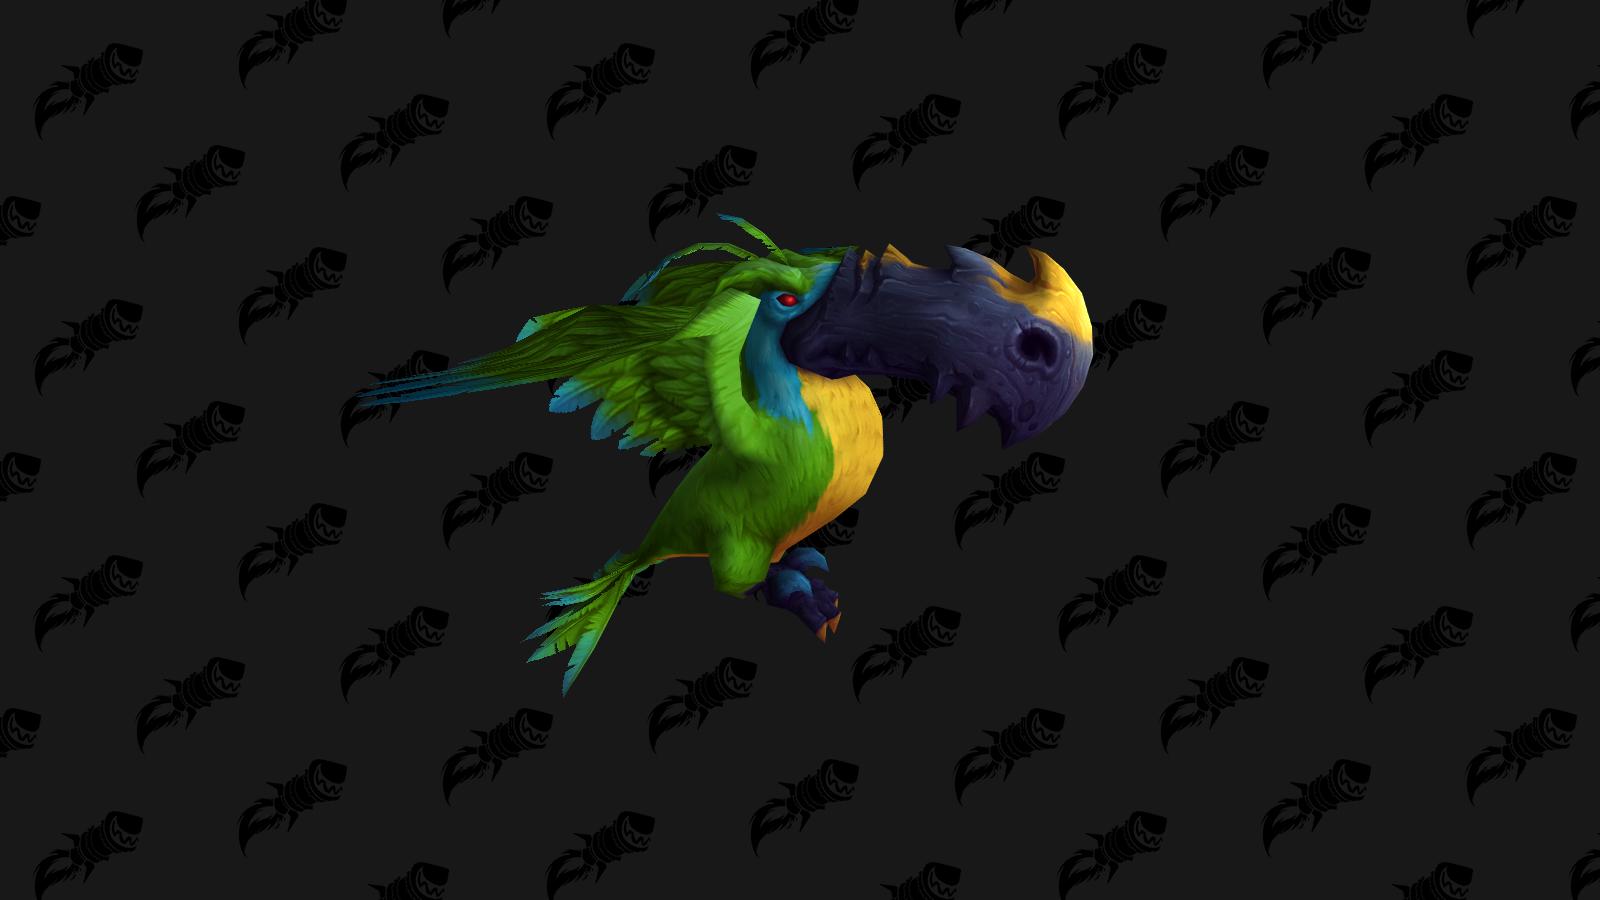 Perculia's Peculiar Parrot figure dans les fichiers comme une mascotte de BFA